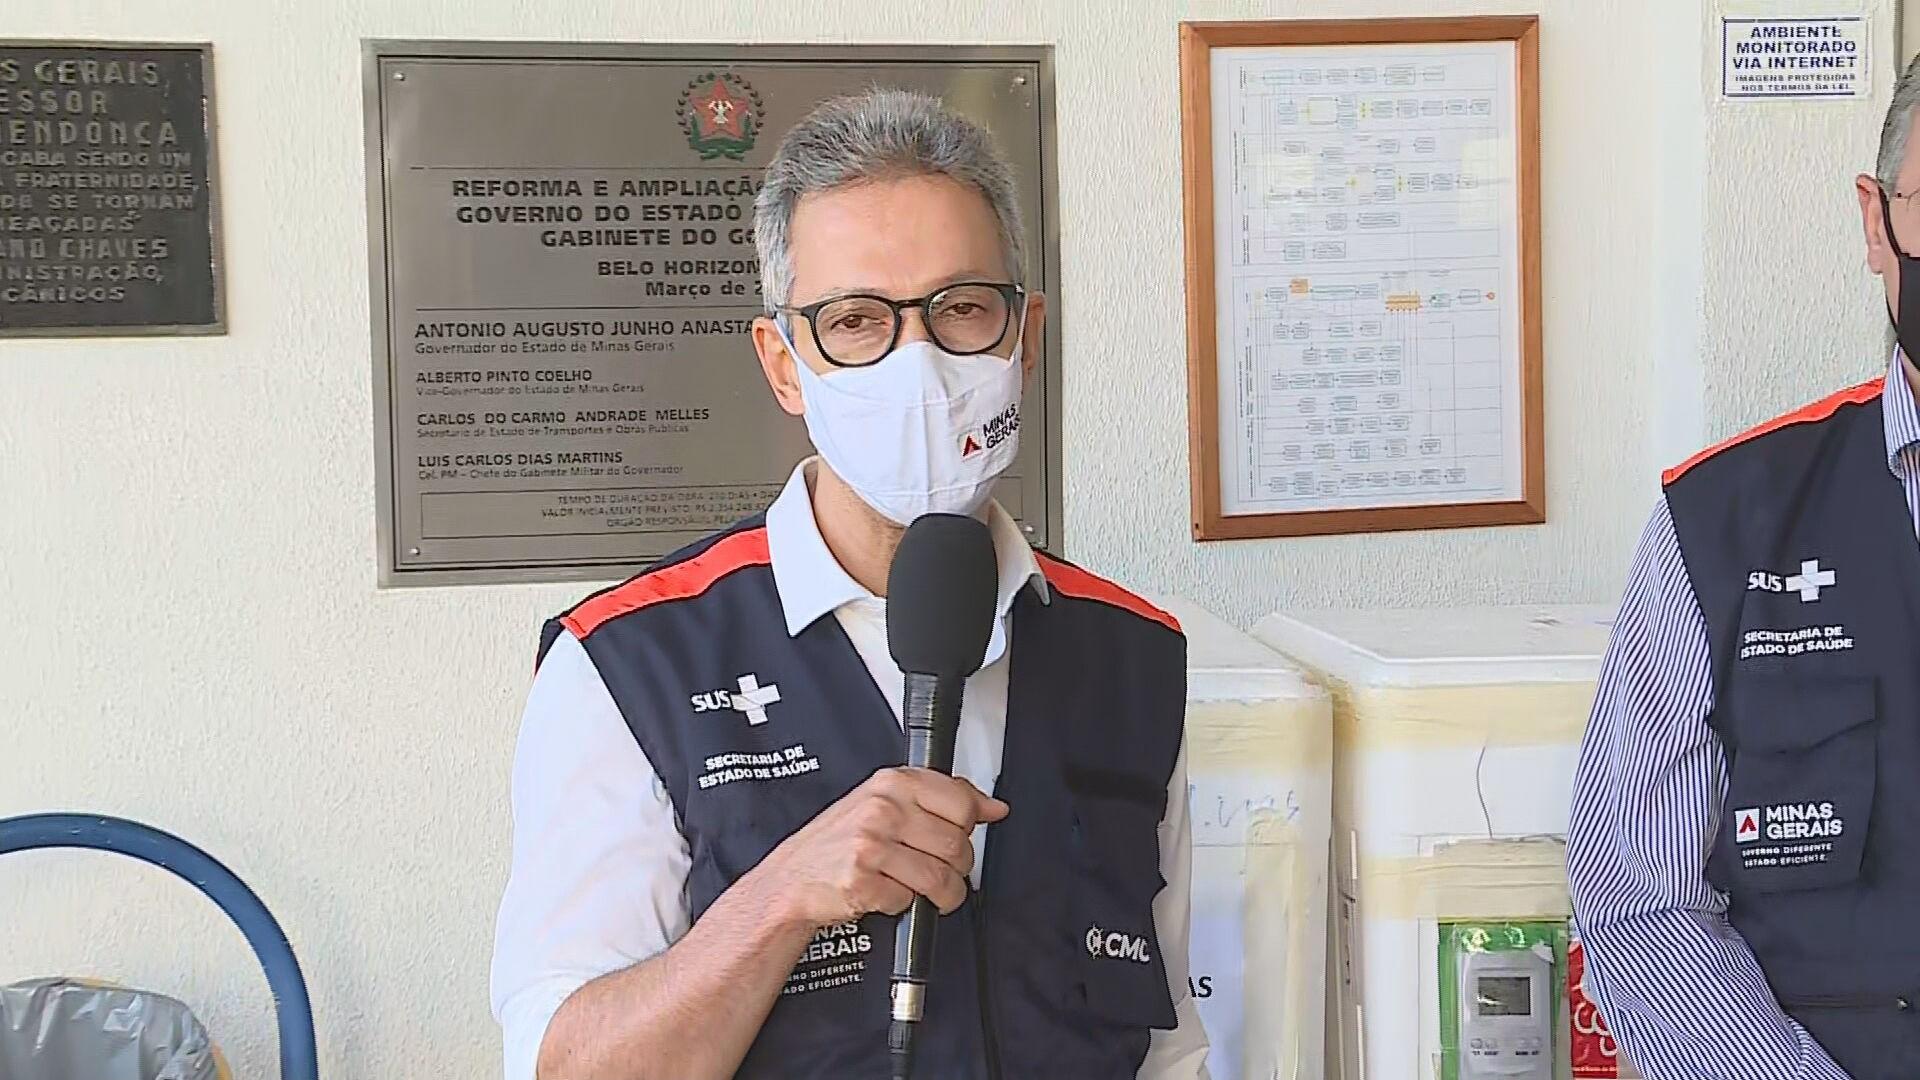 Vacinação nas 853 cidades de MG começa na tarde desta terça-feira, diz governador Romeu Zema